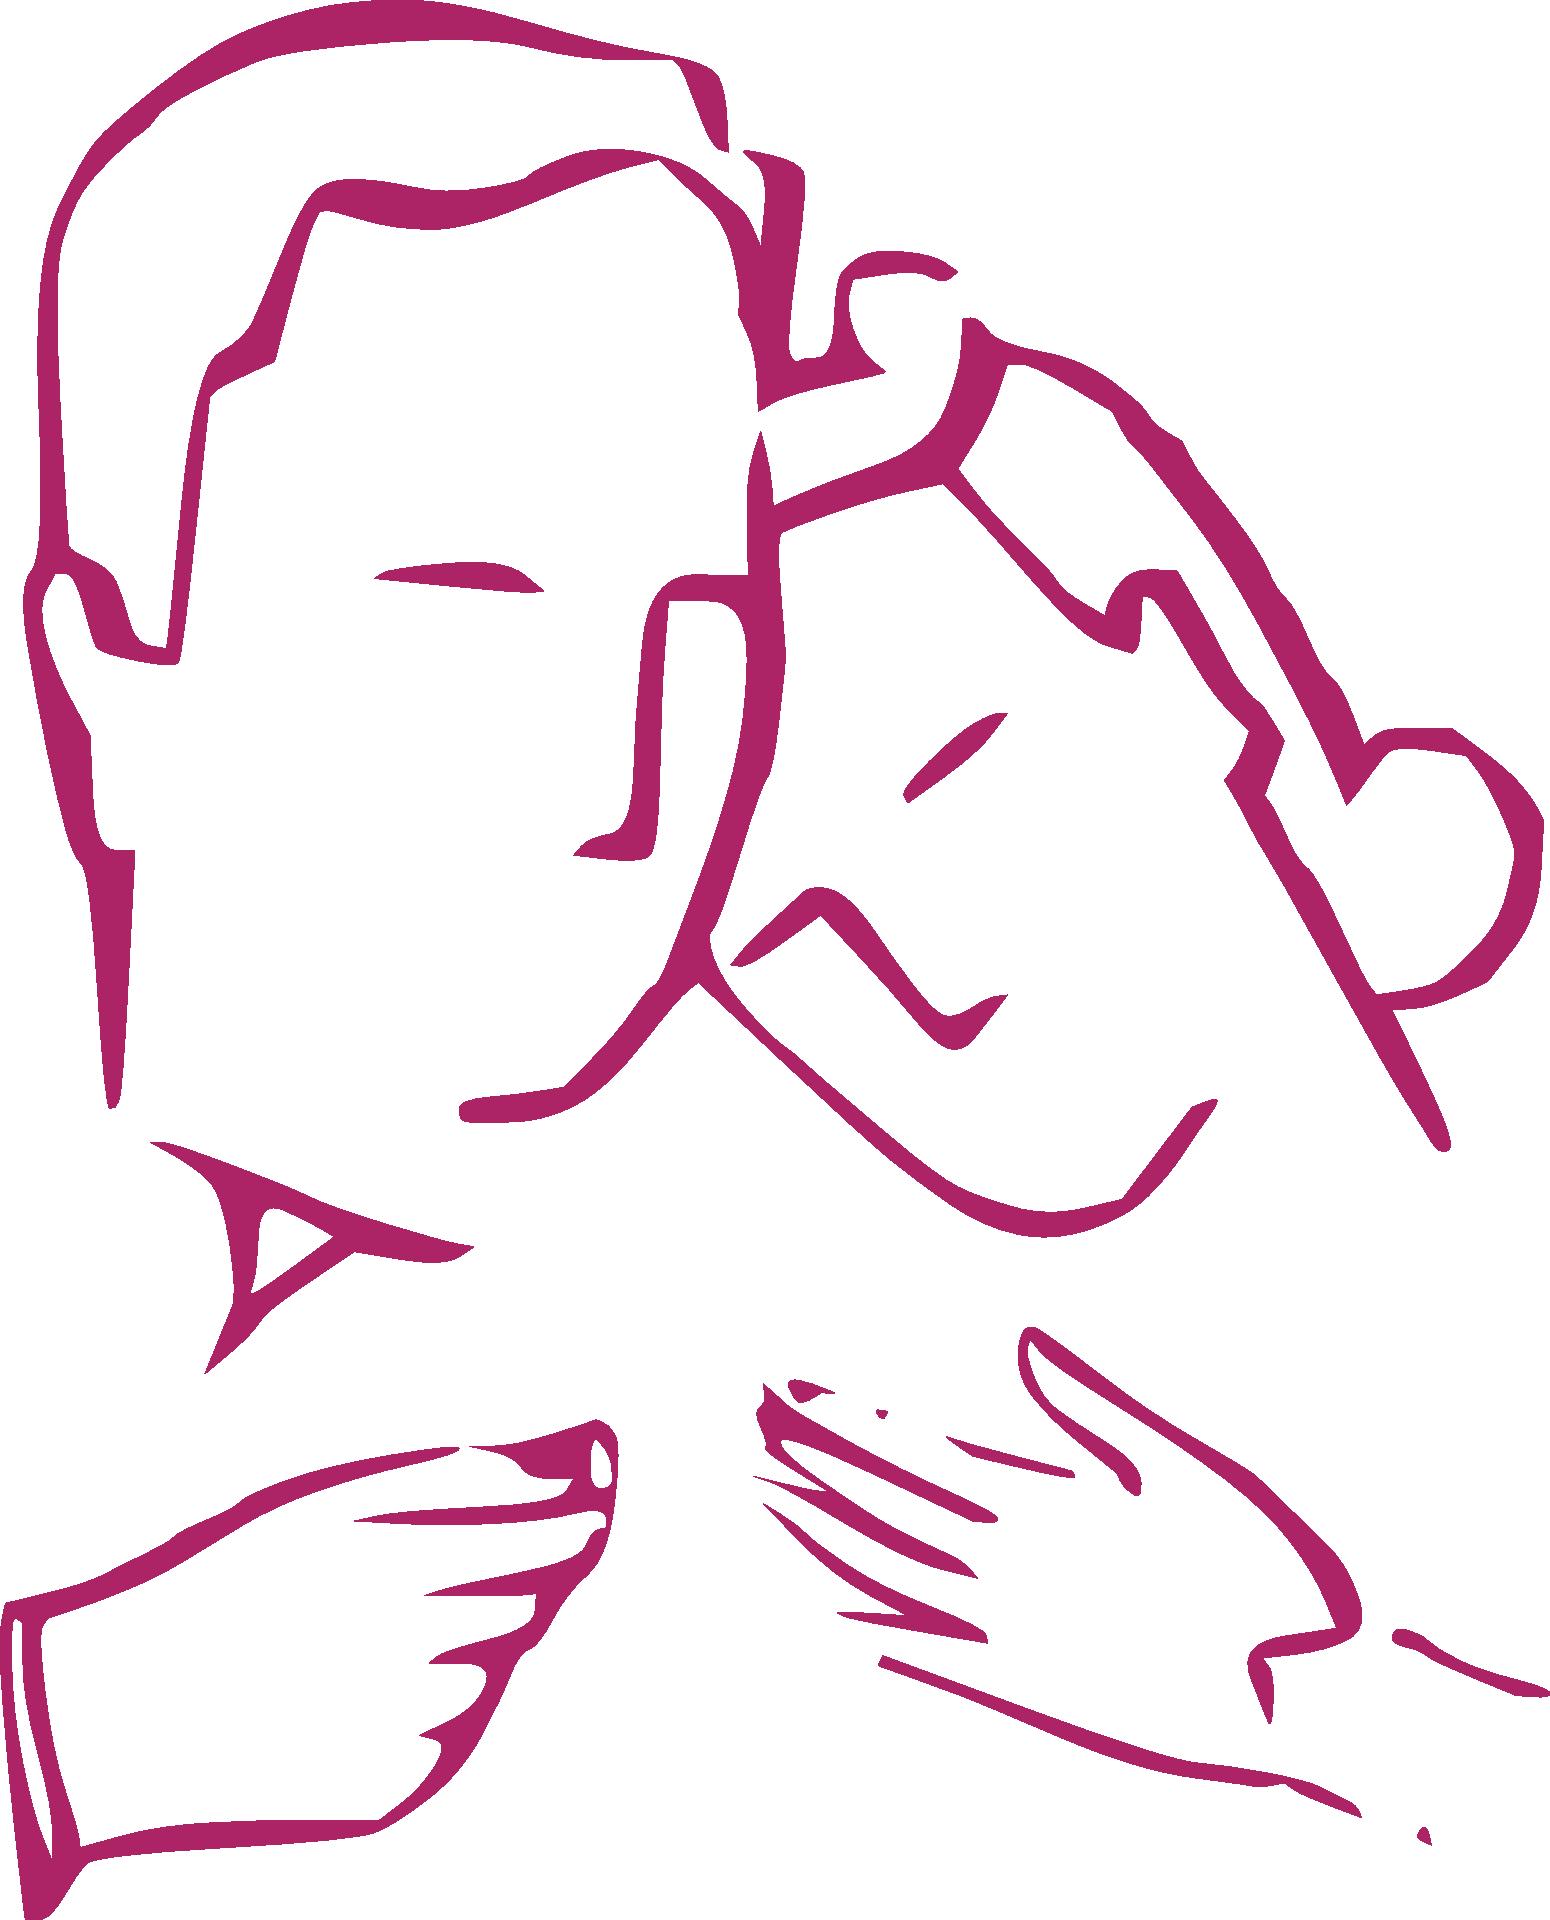 Муж и жена картинки нарисованные, губы поцелуй воздушный